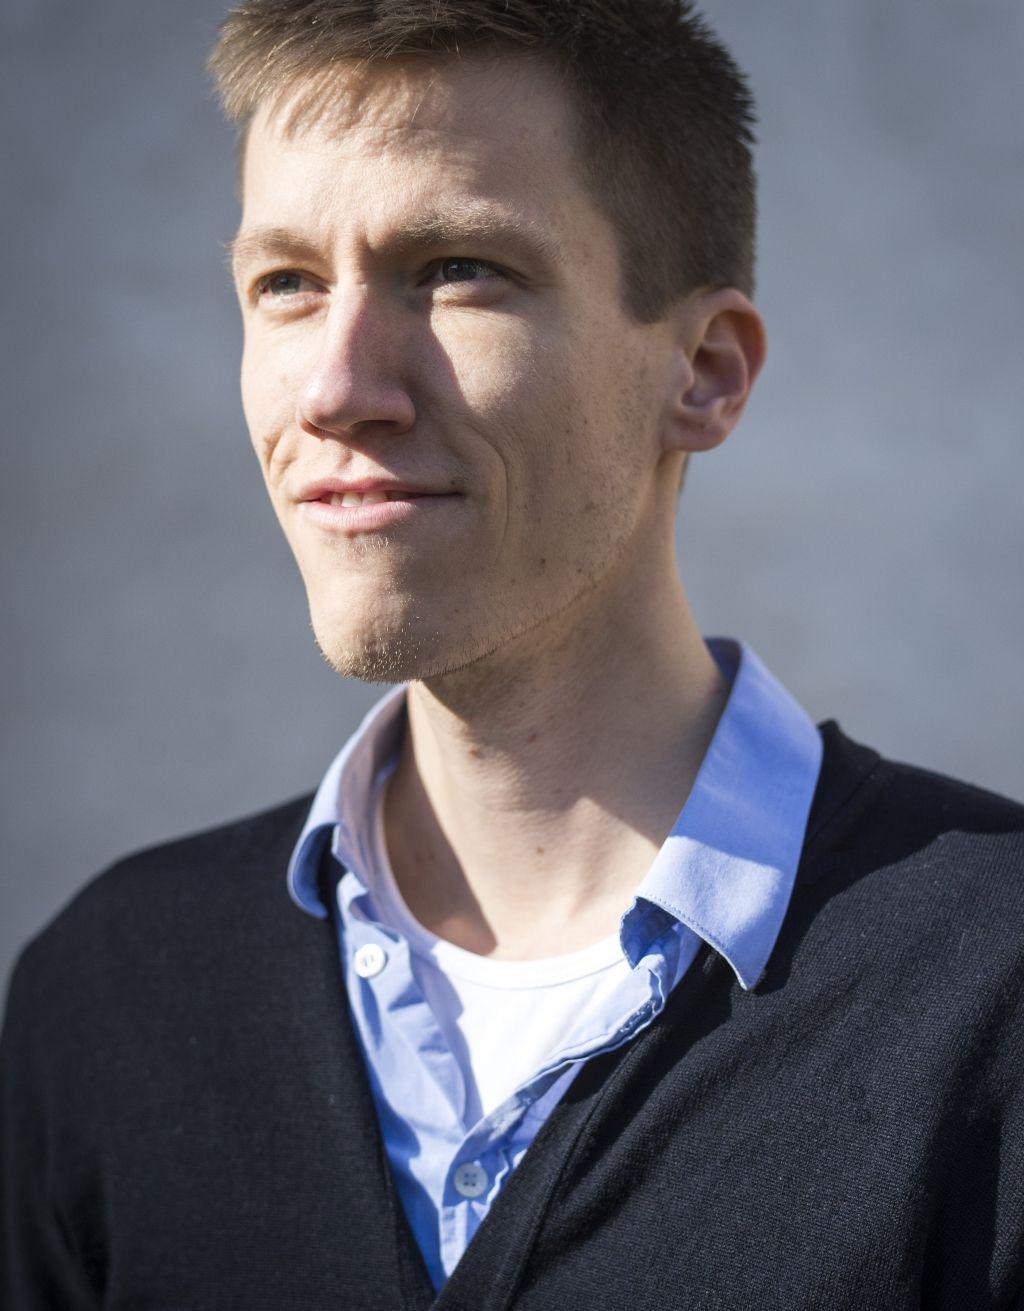 Christian Hjortkjær